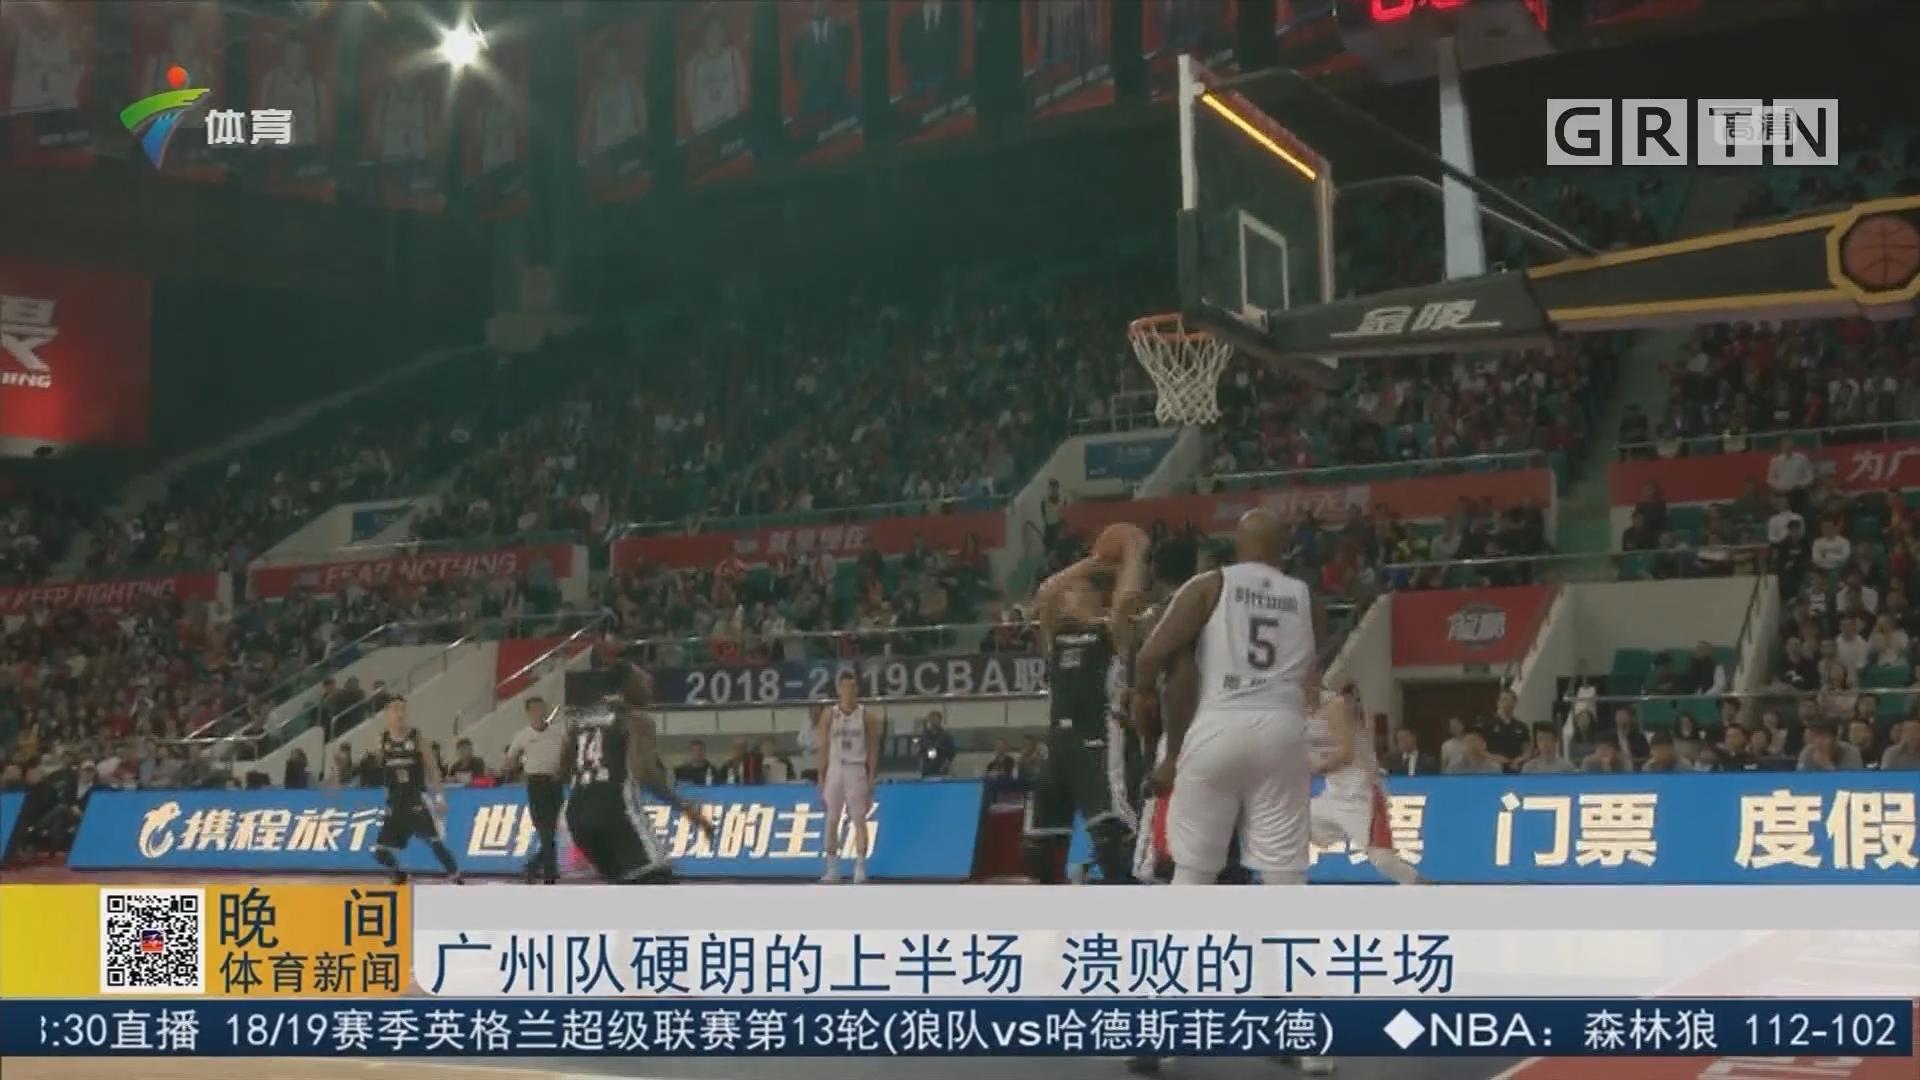 广州队硬朗的上半场 溃败的下半场